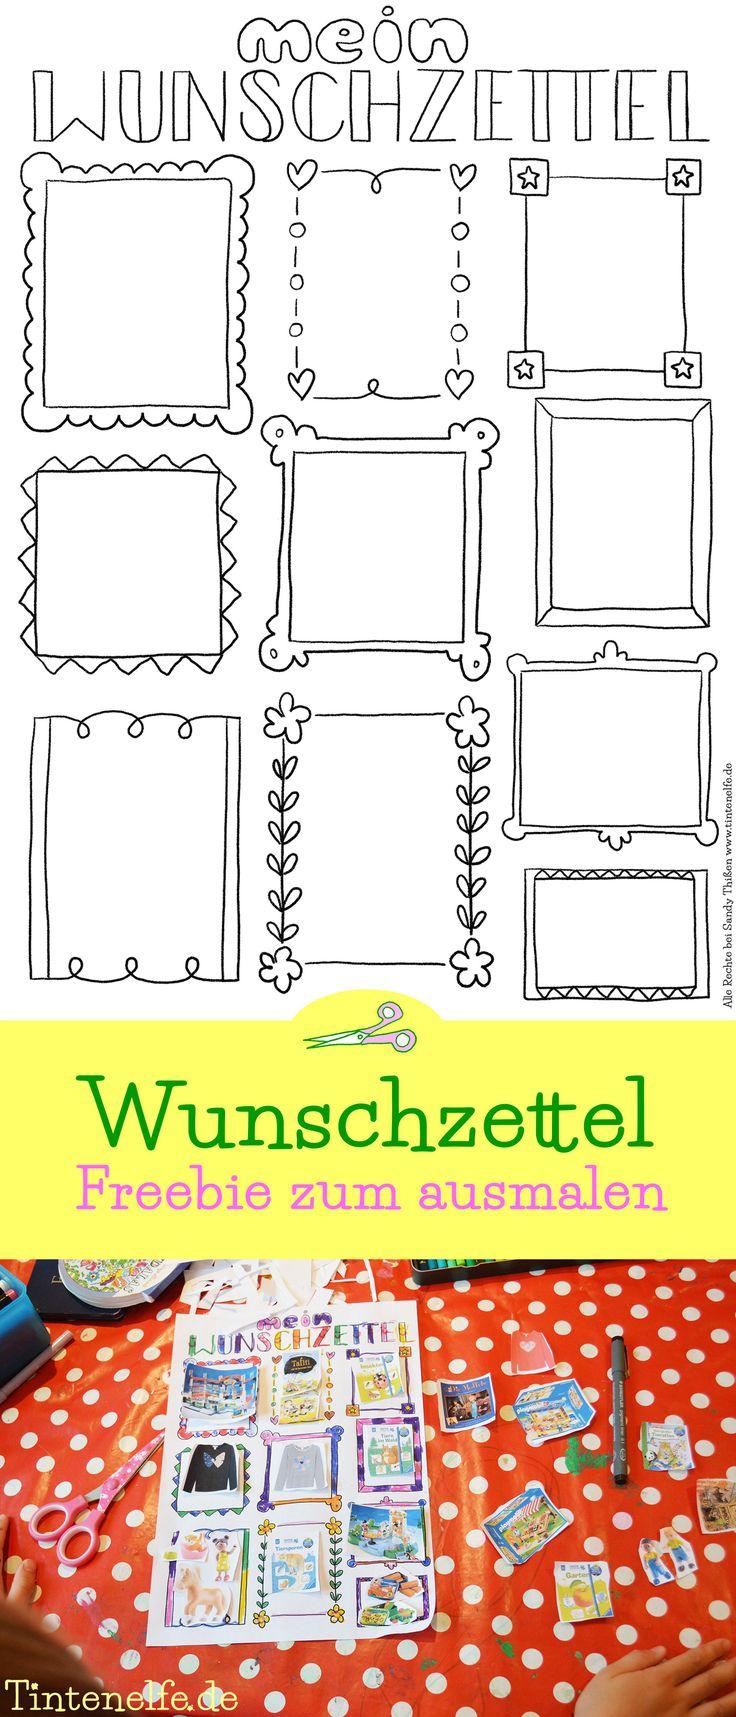 Wunschzettel Freebie zum ausdrucken und ausmalen Zu Weihnachten oder zum Geburtstag Vorlage zum malen